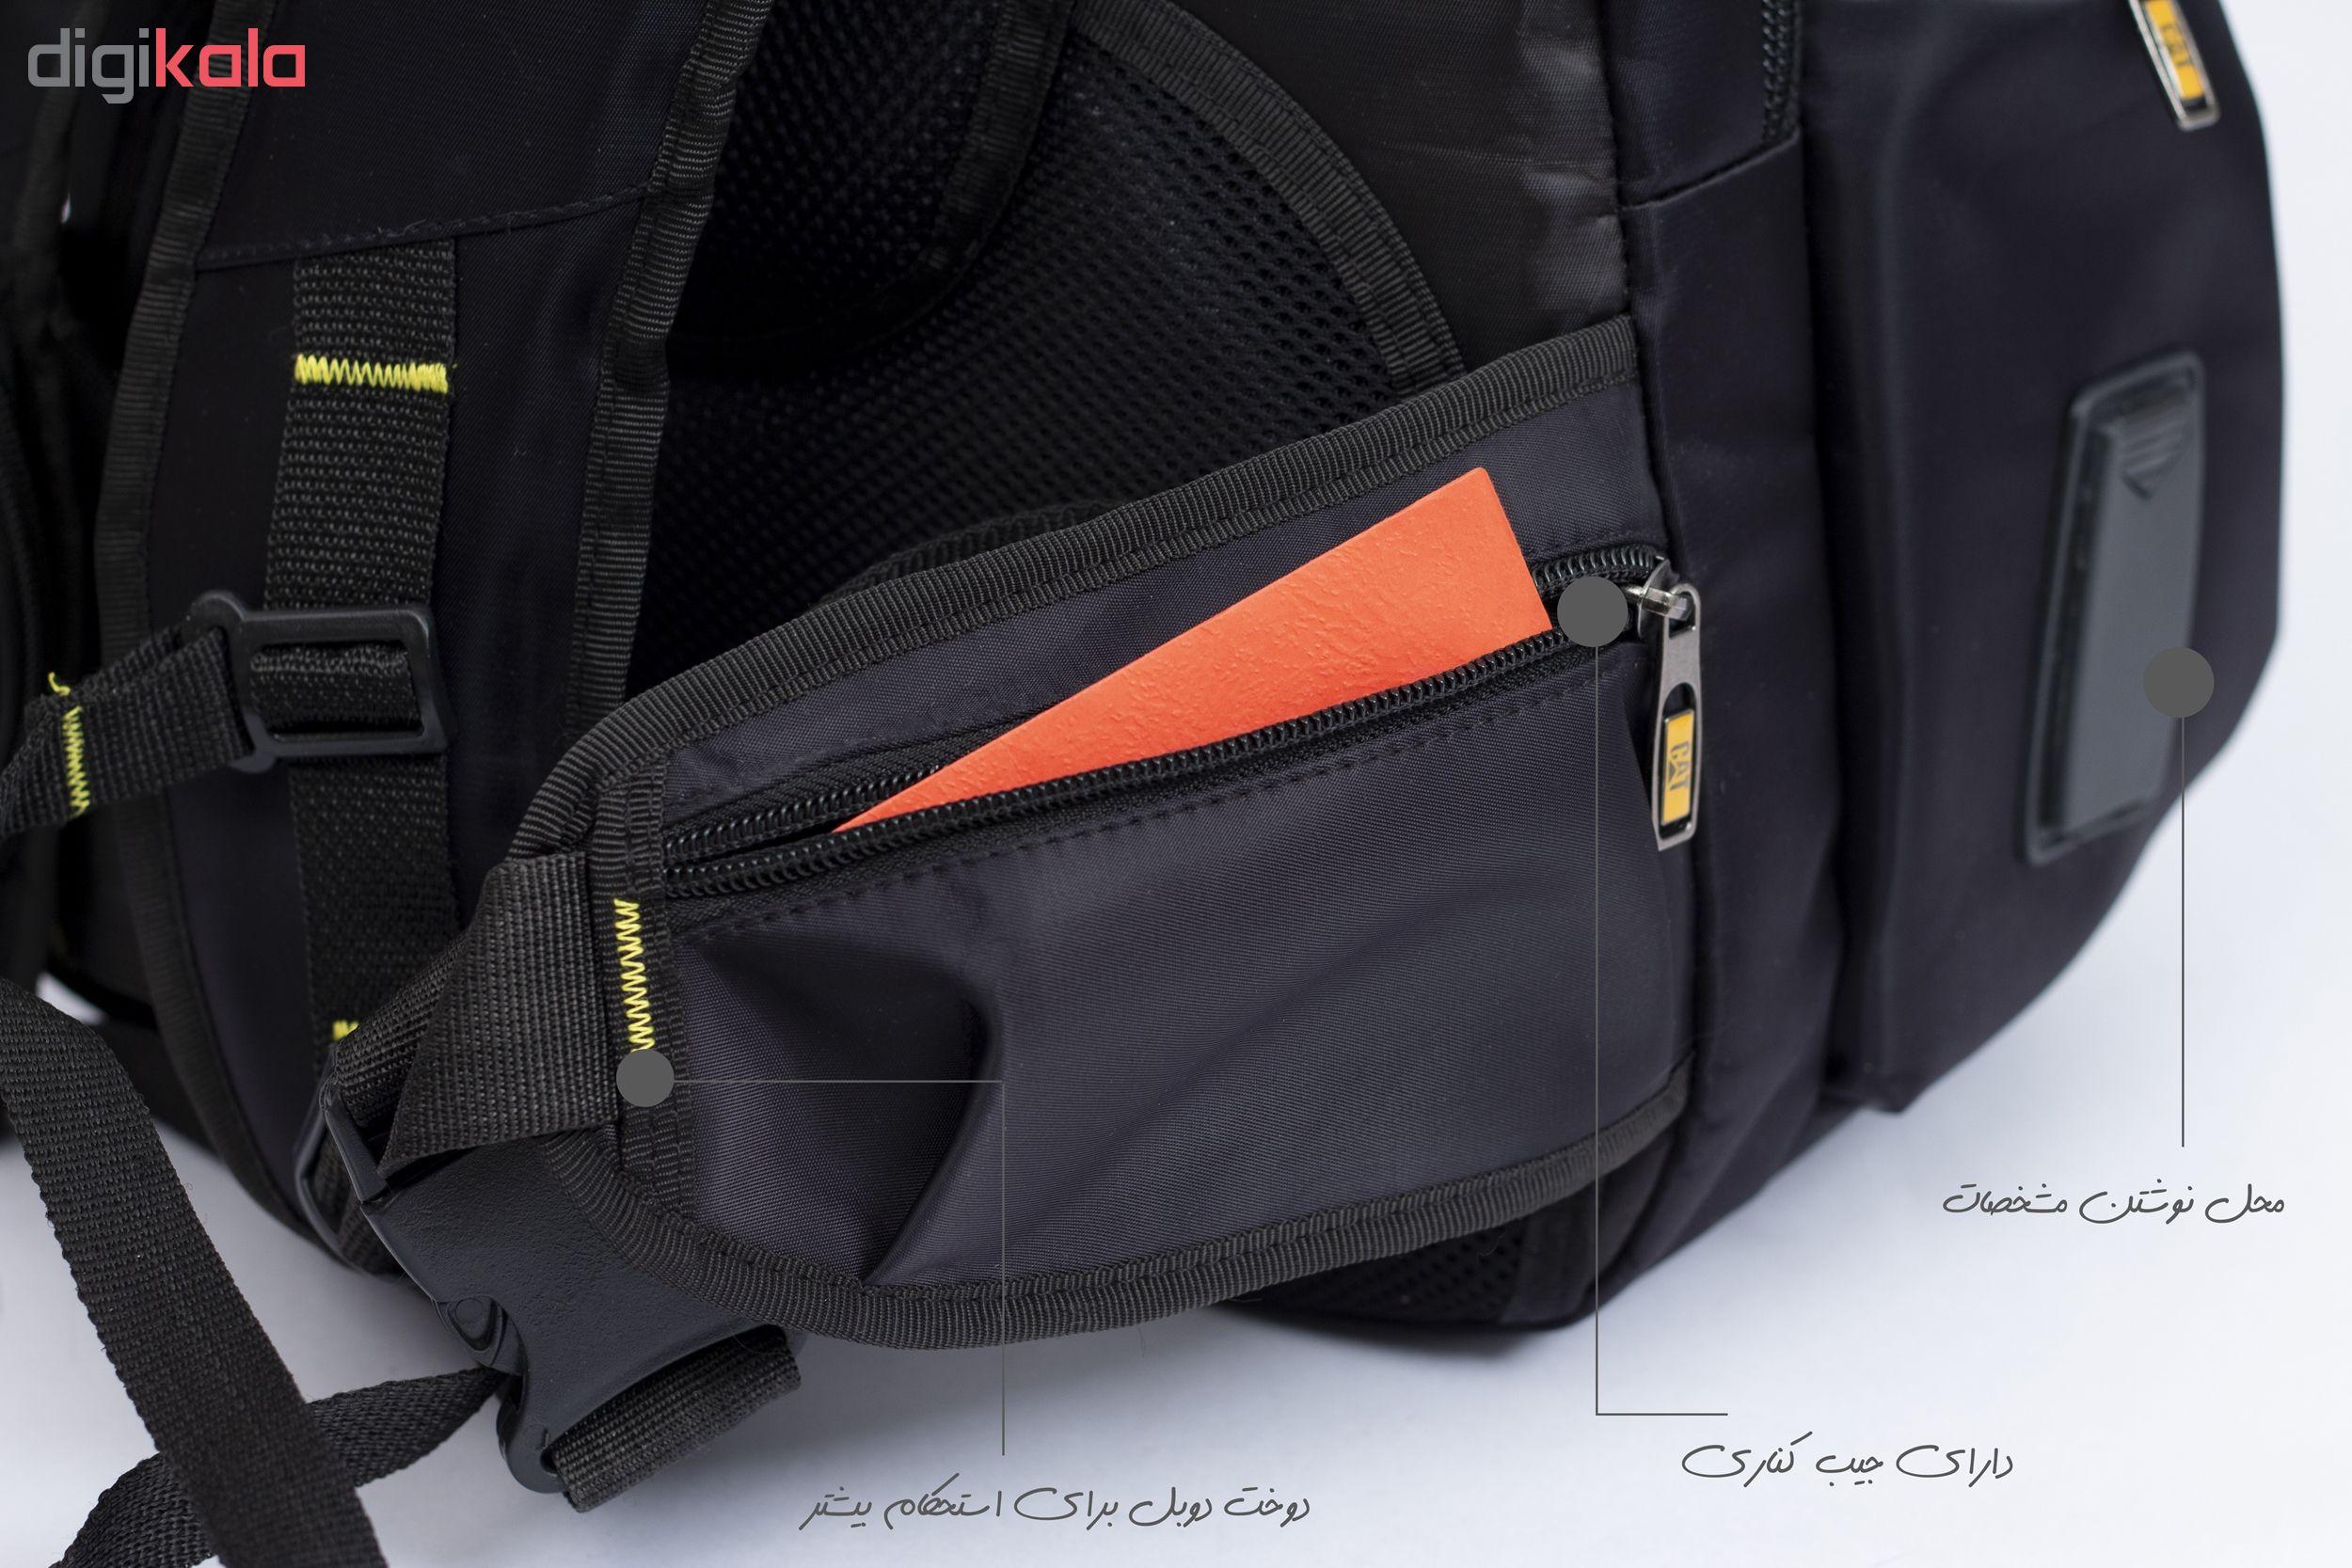 کوله پشتی لپ تاپ مدل FCLT3381 مناسب برای لپ تاپ  16.4 اینچی